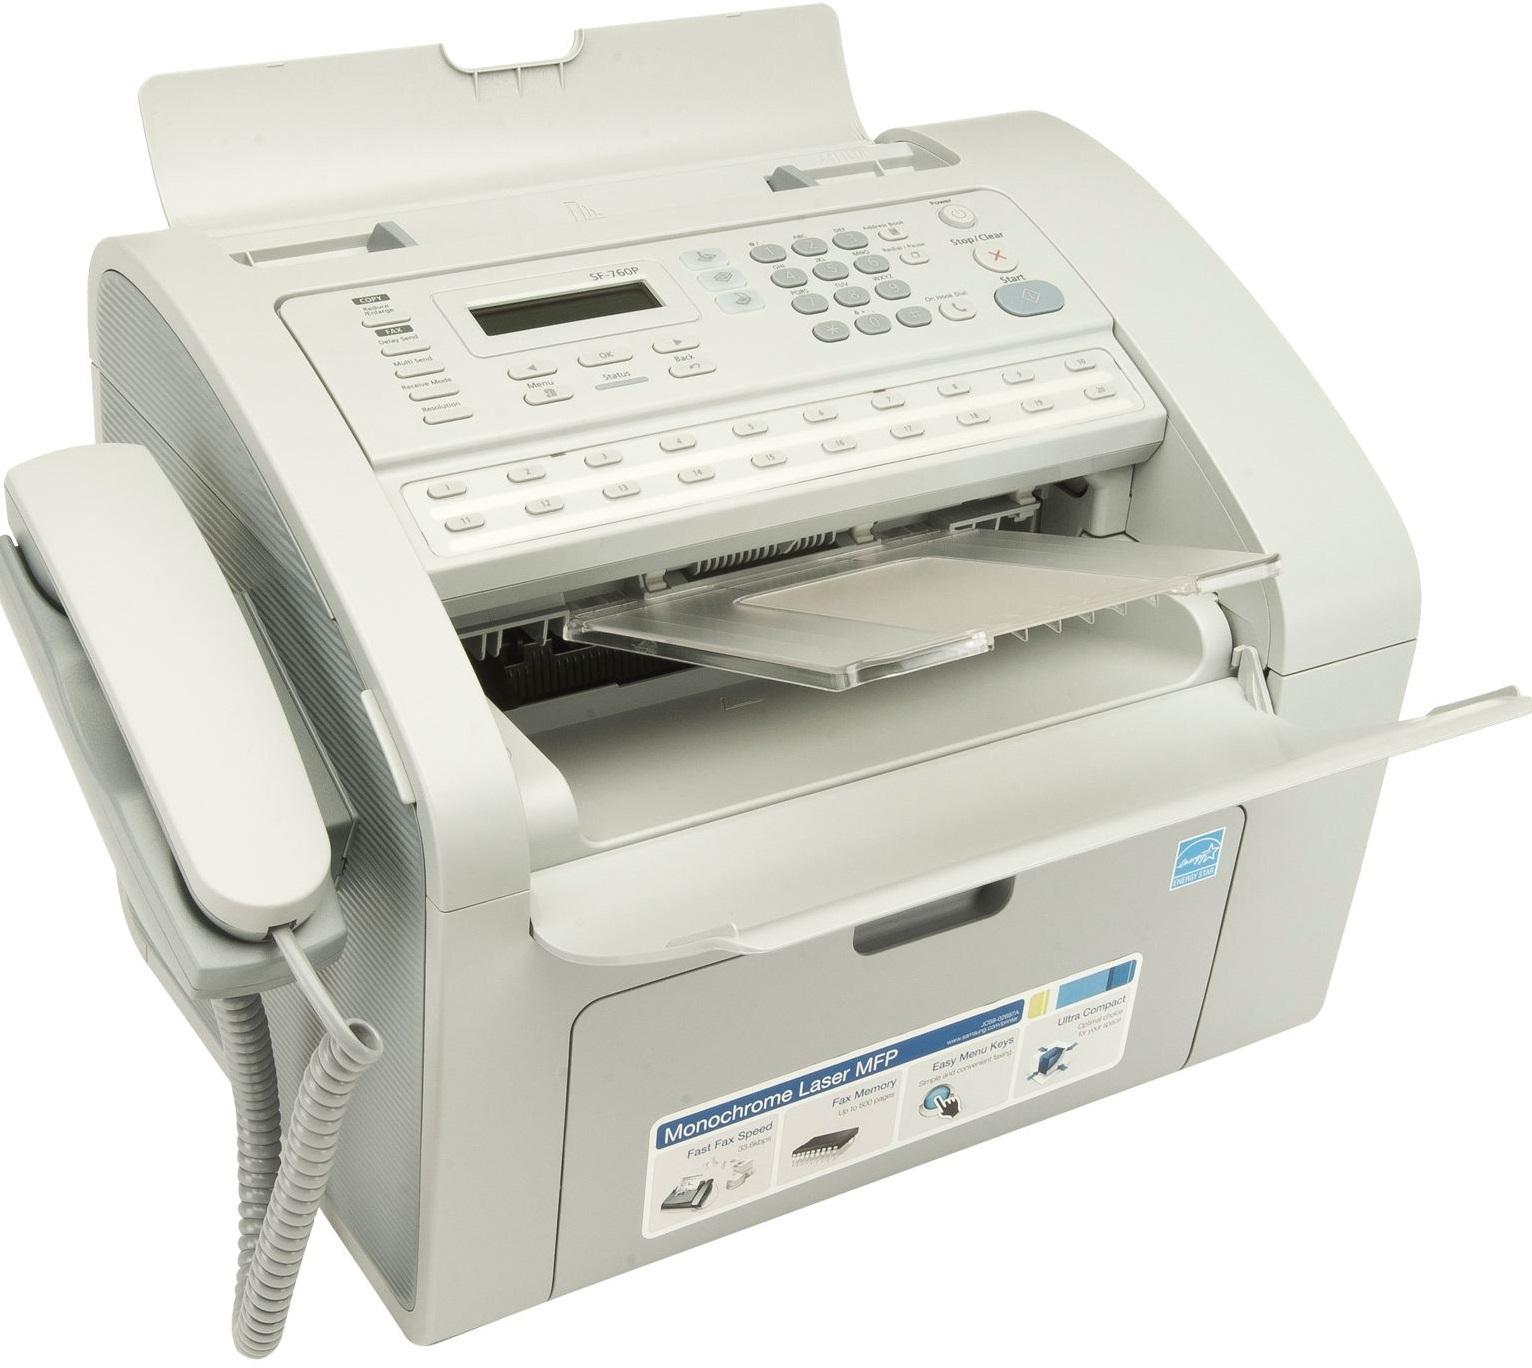 samsung fax machine sf 760p manual